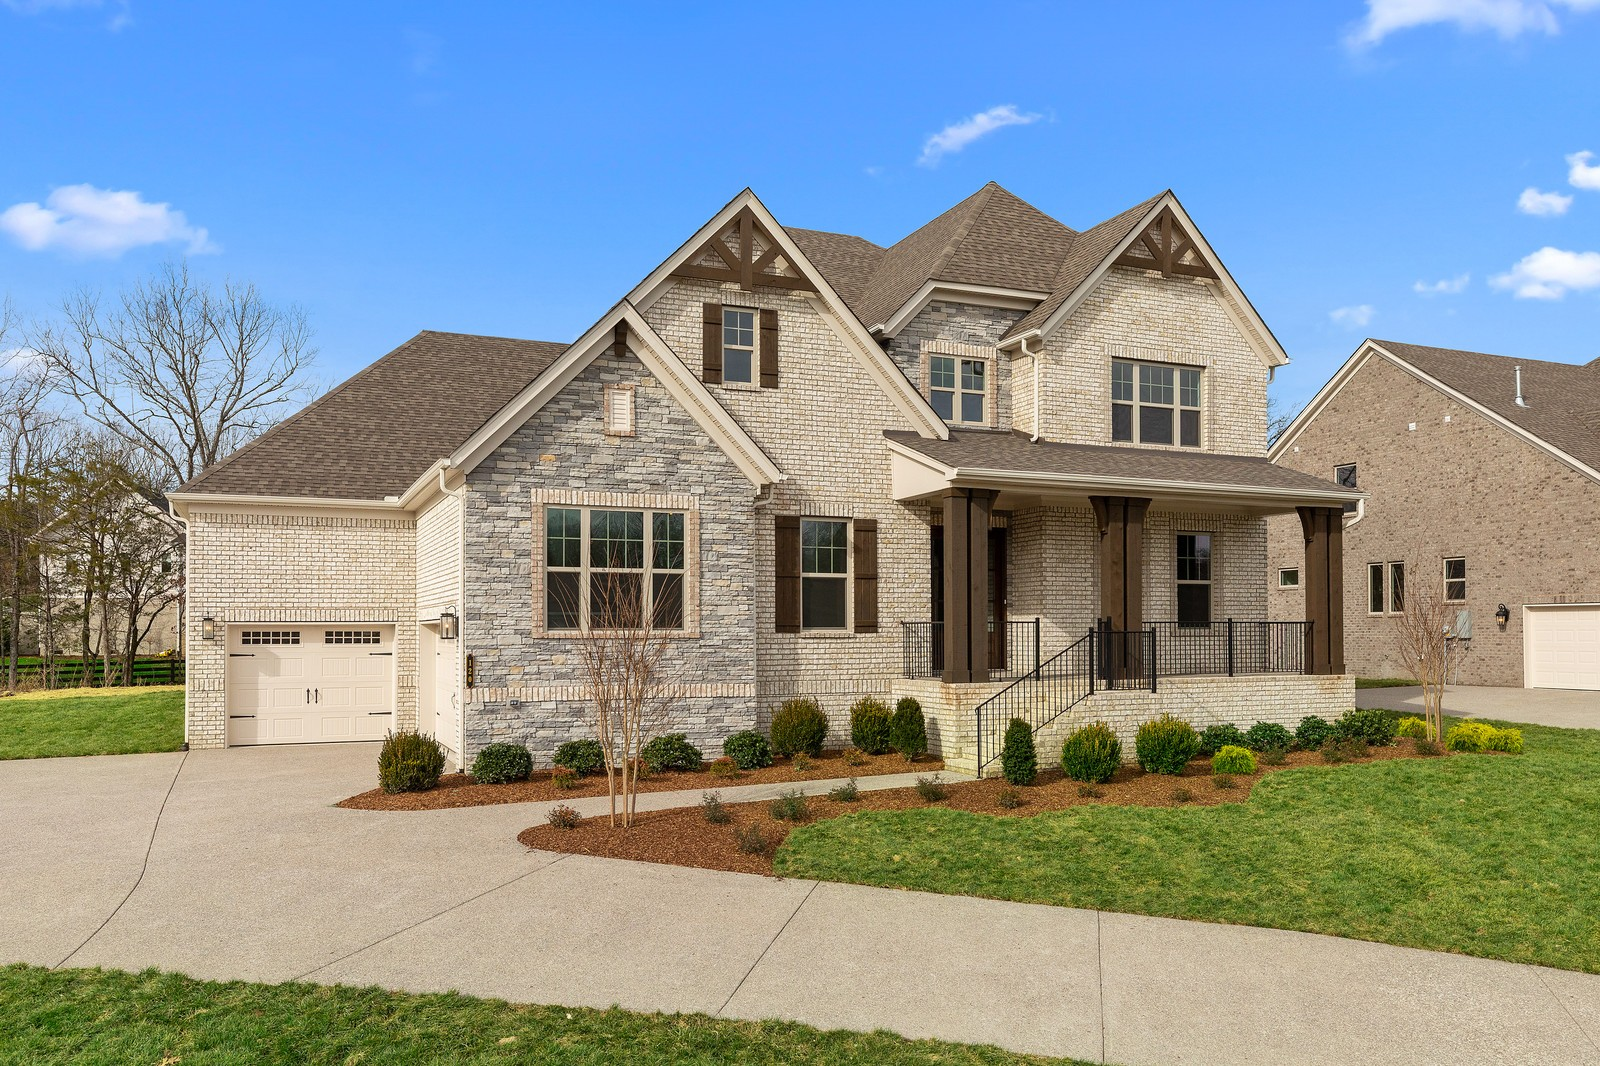 825 Delamotte Pass #118, Nolensville, TN 37135 - Nolensville, TN real estate listing